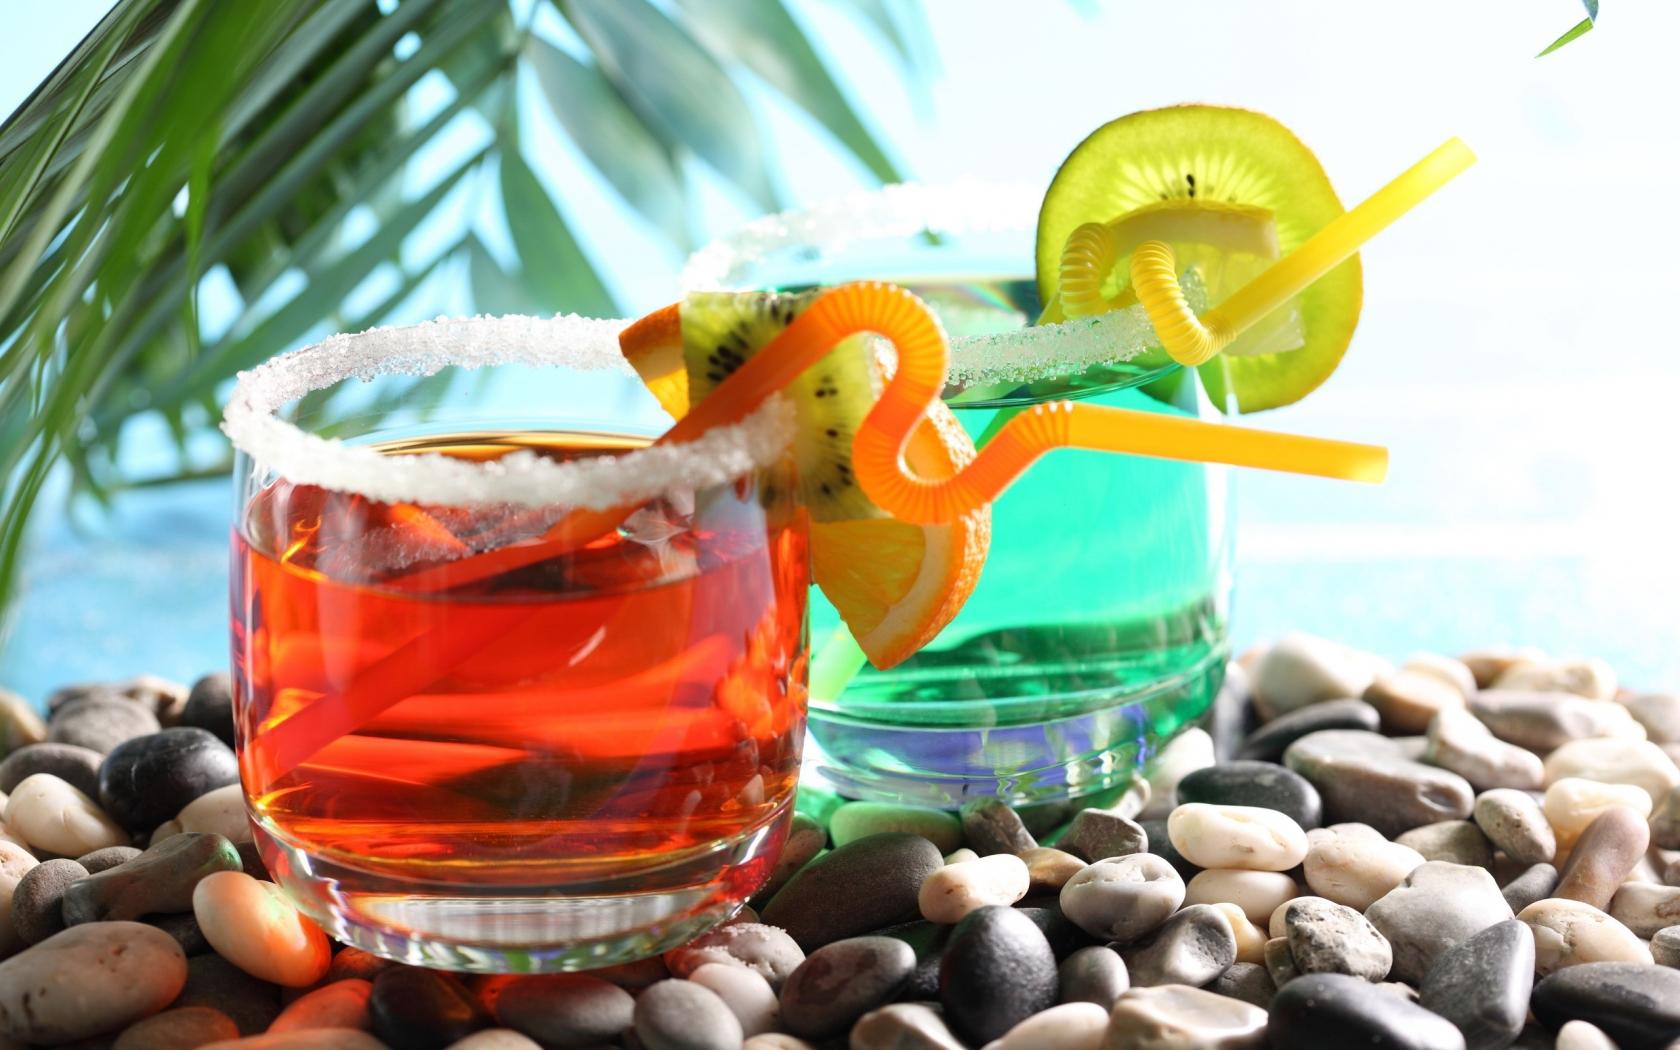 Bebidas y cocteles de colores - 1680x1050